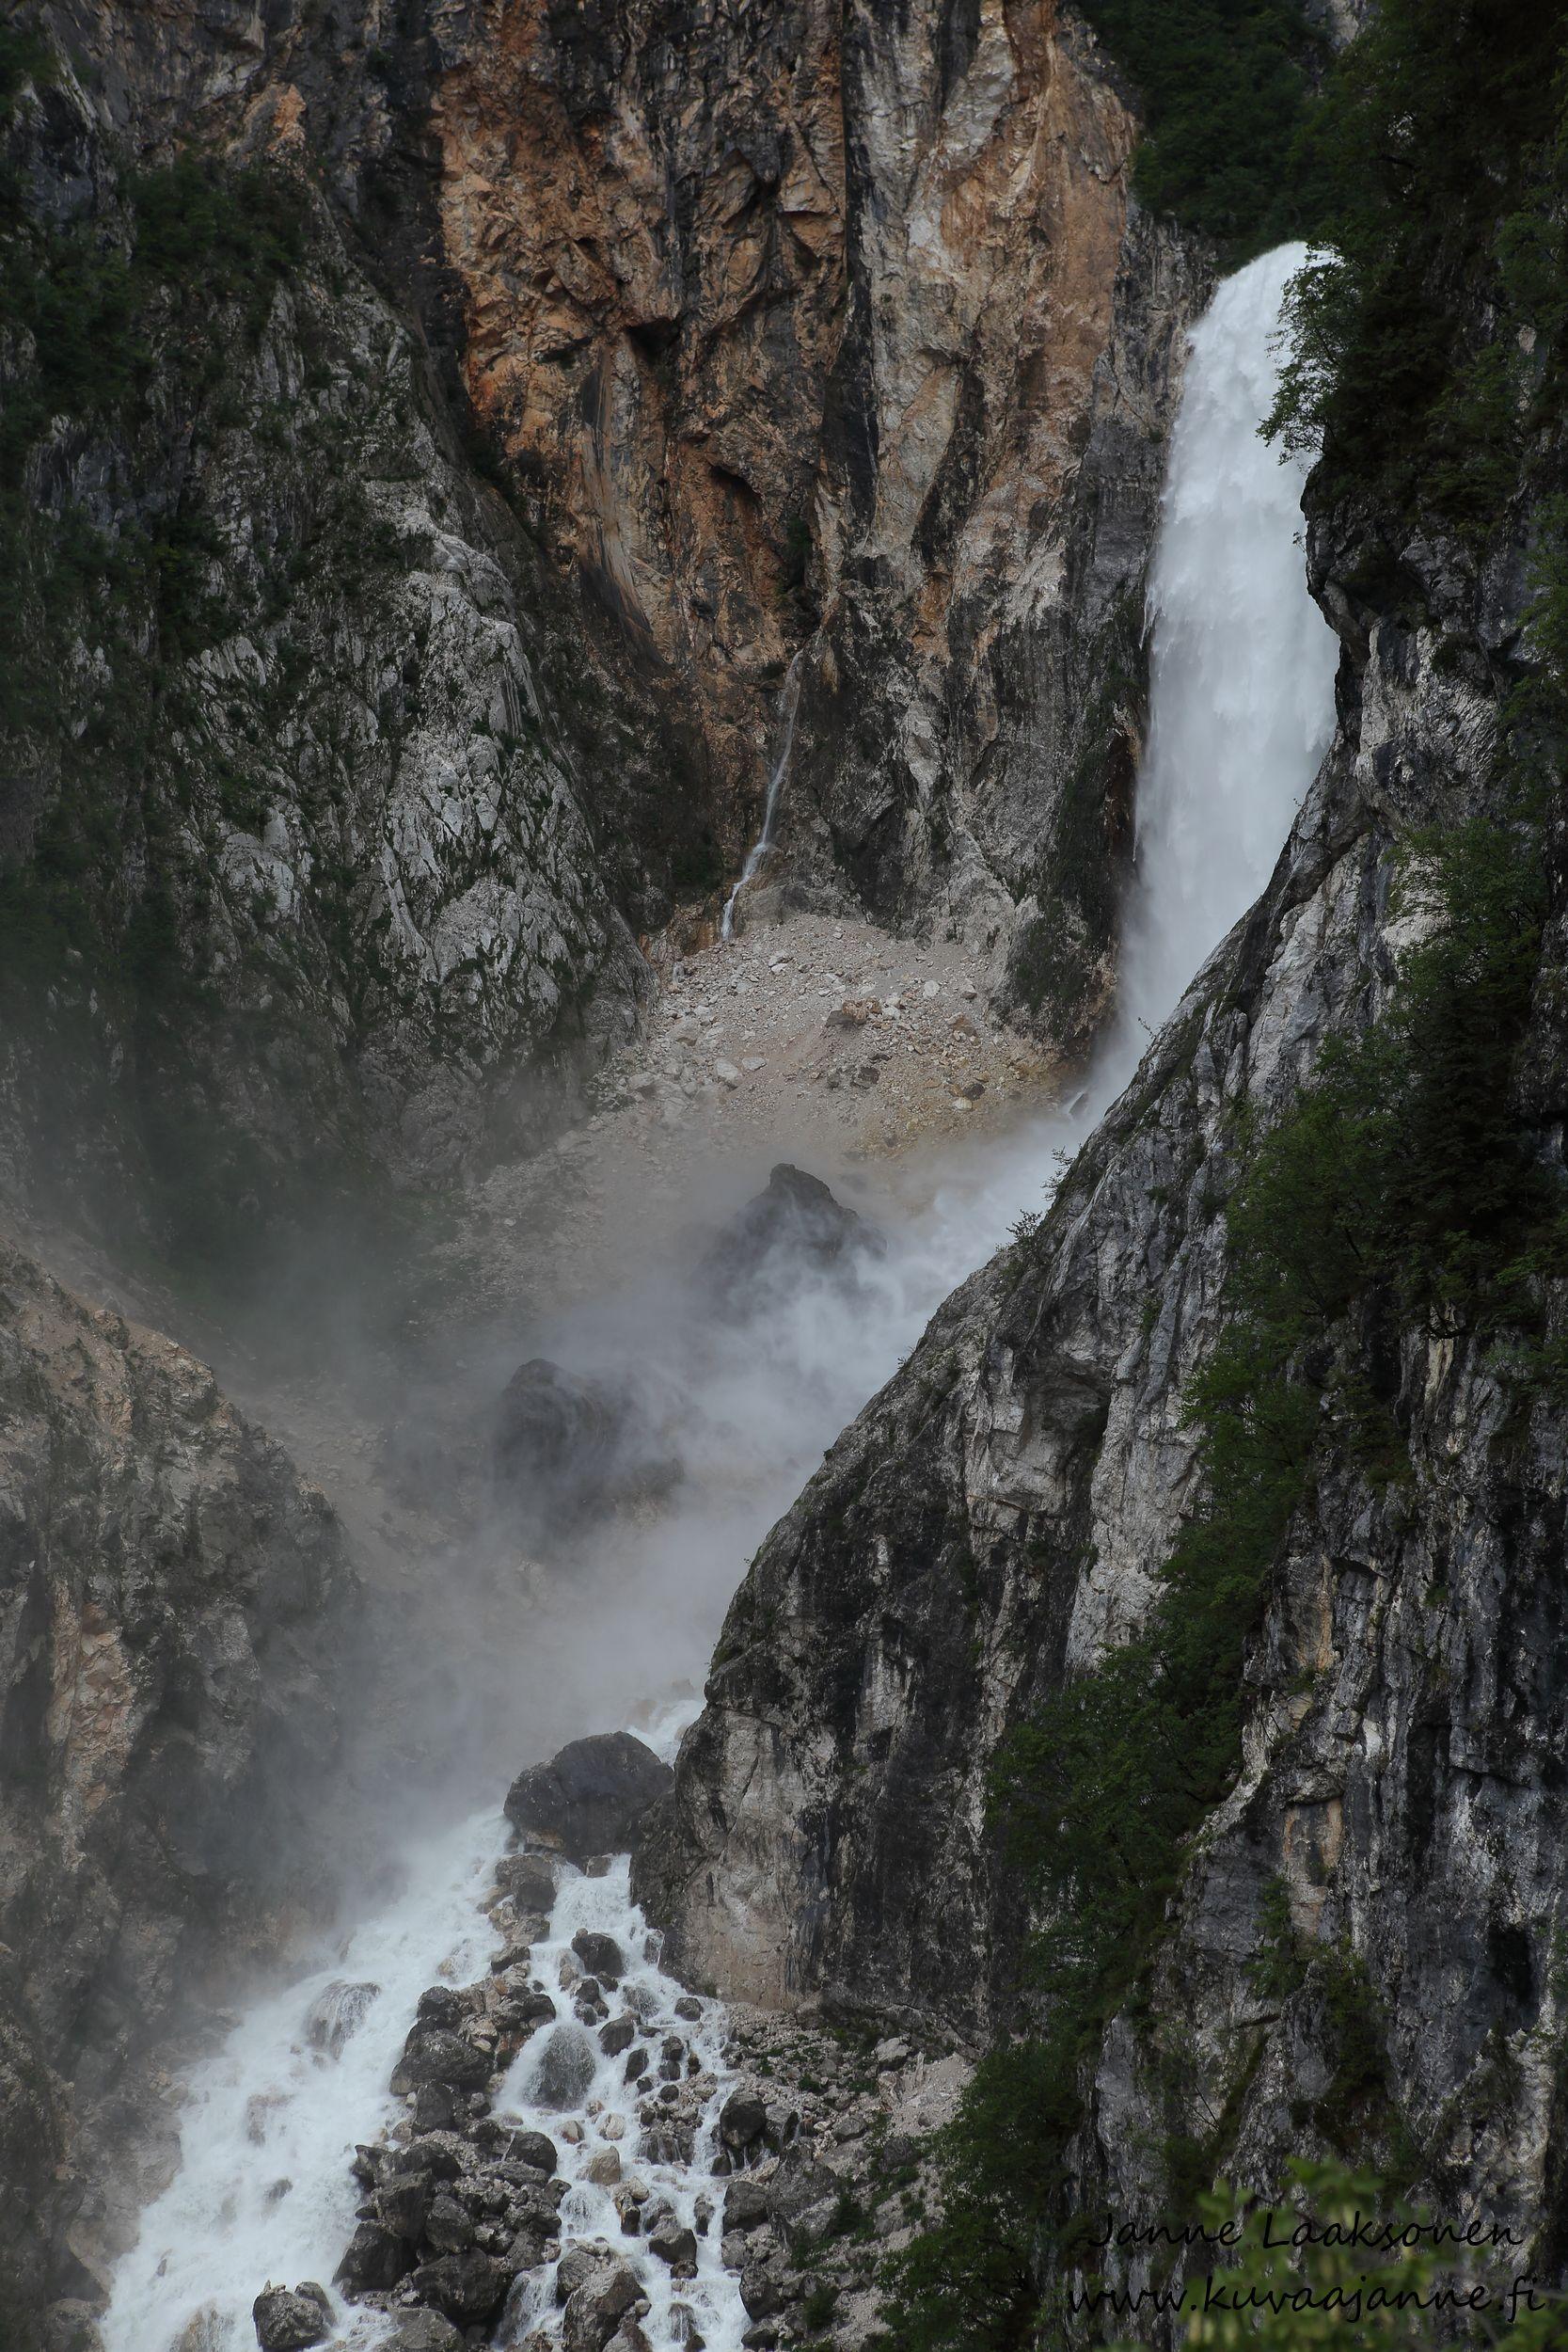 Slovenia, Bovec ja vesiputous, Boca falls, Valokuvaaja Janne Laaksonen, Riihimaki